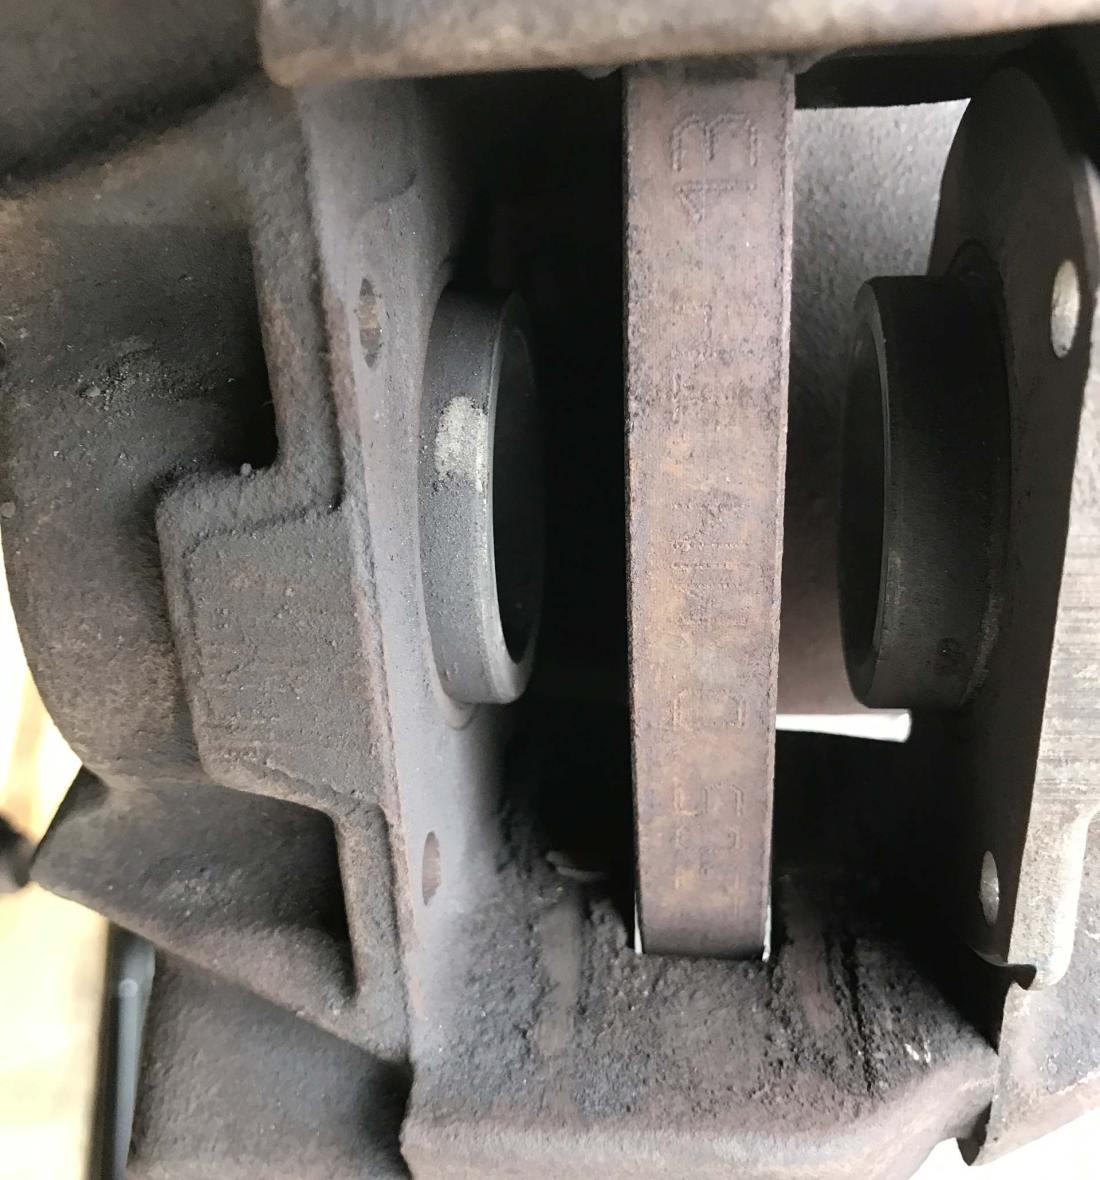 Hinterachse ohne Beläge, ein Kolben